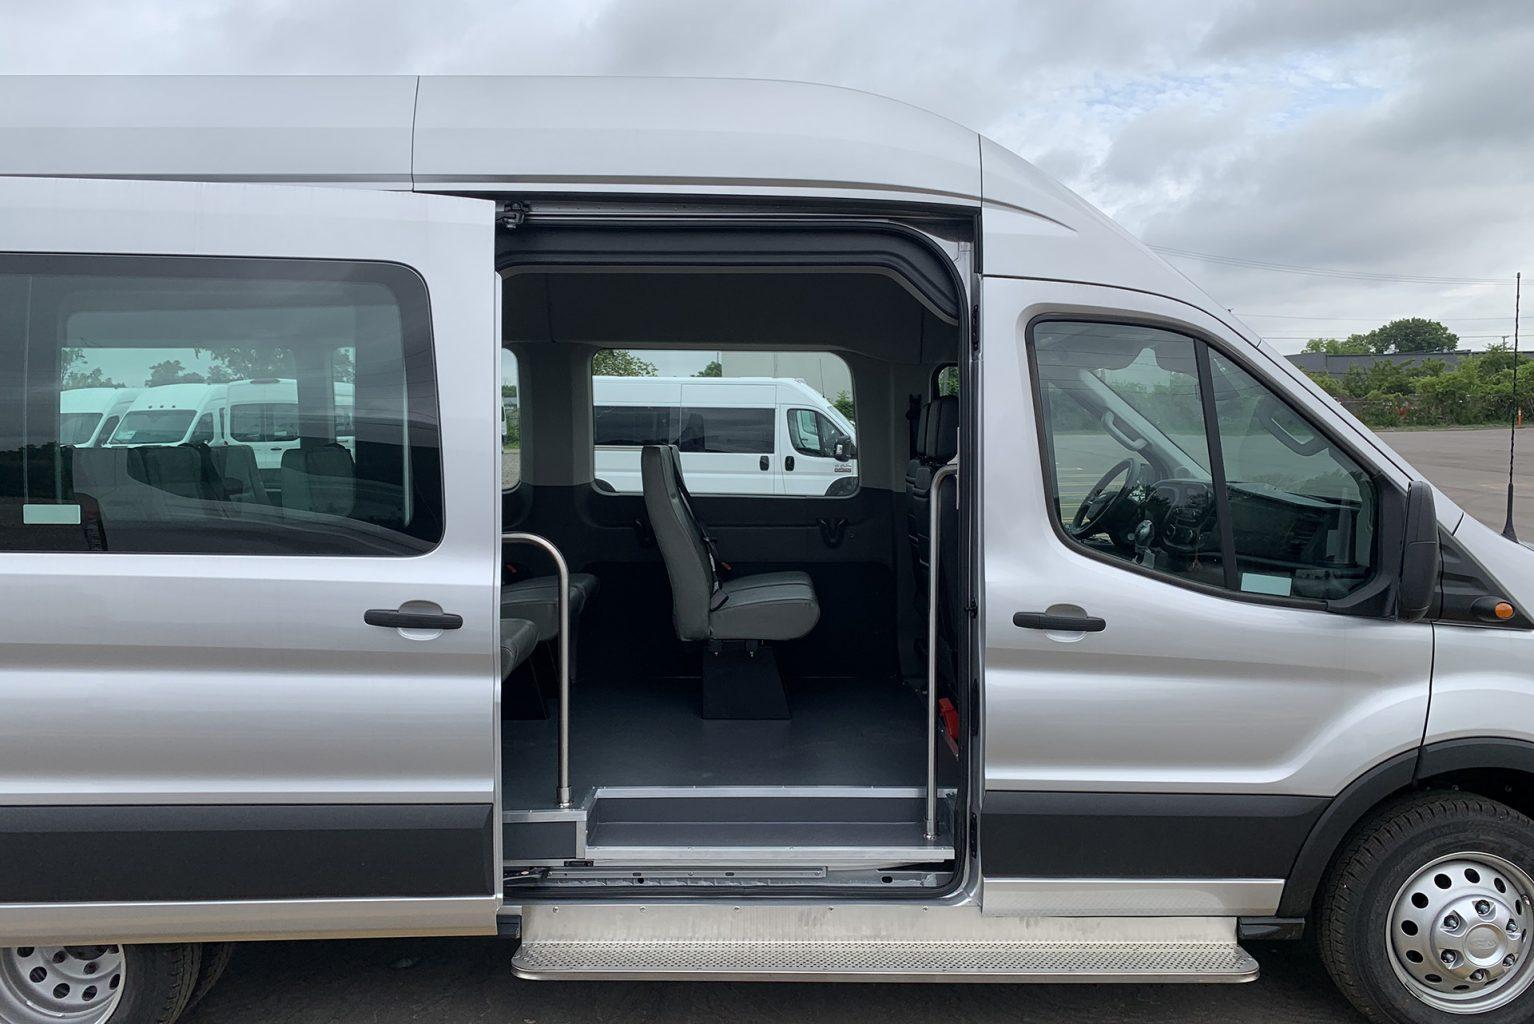 Passenger van door open with foot step